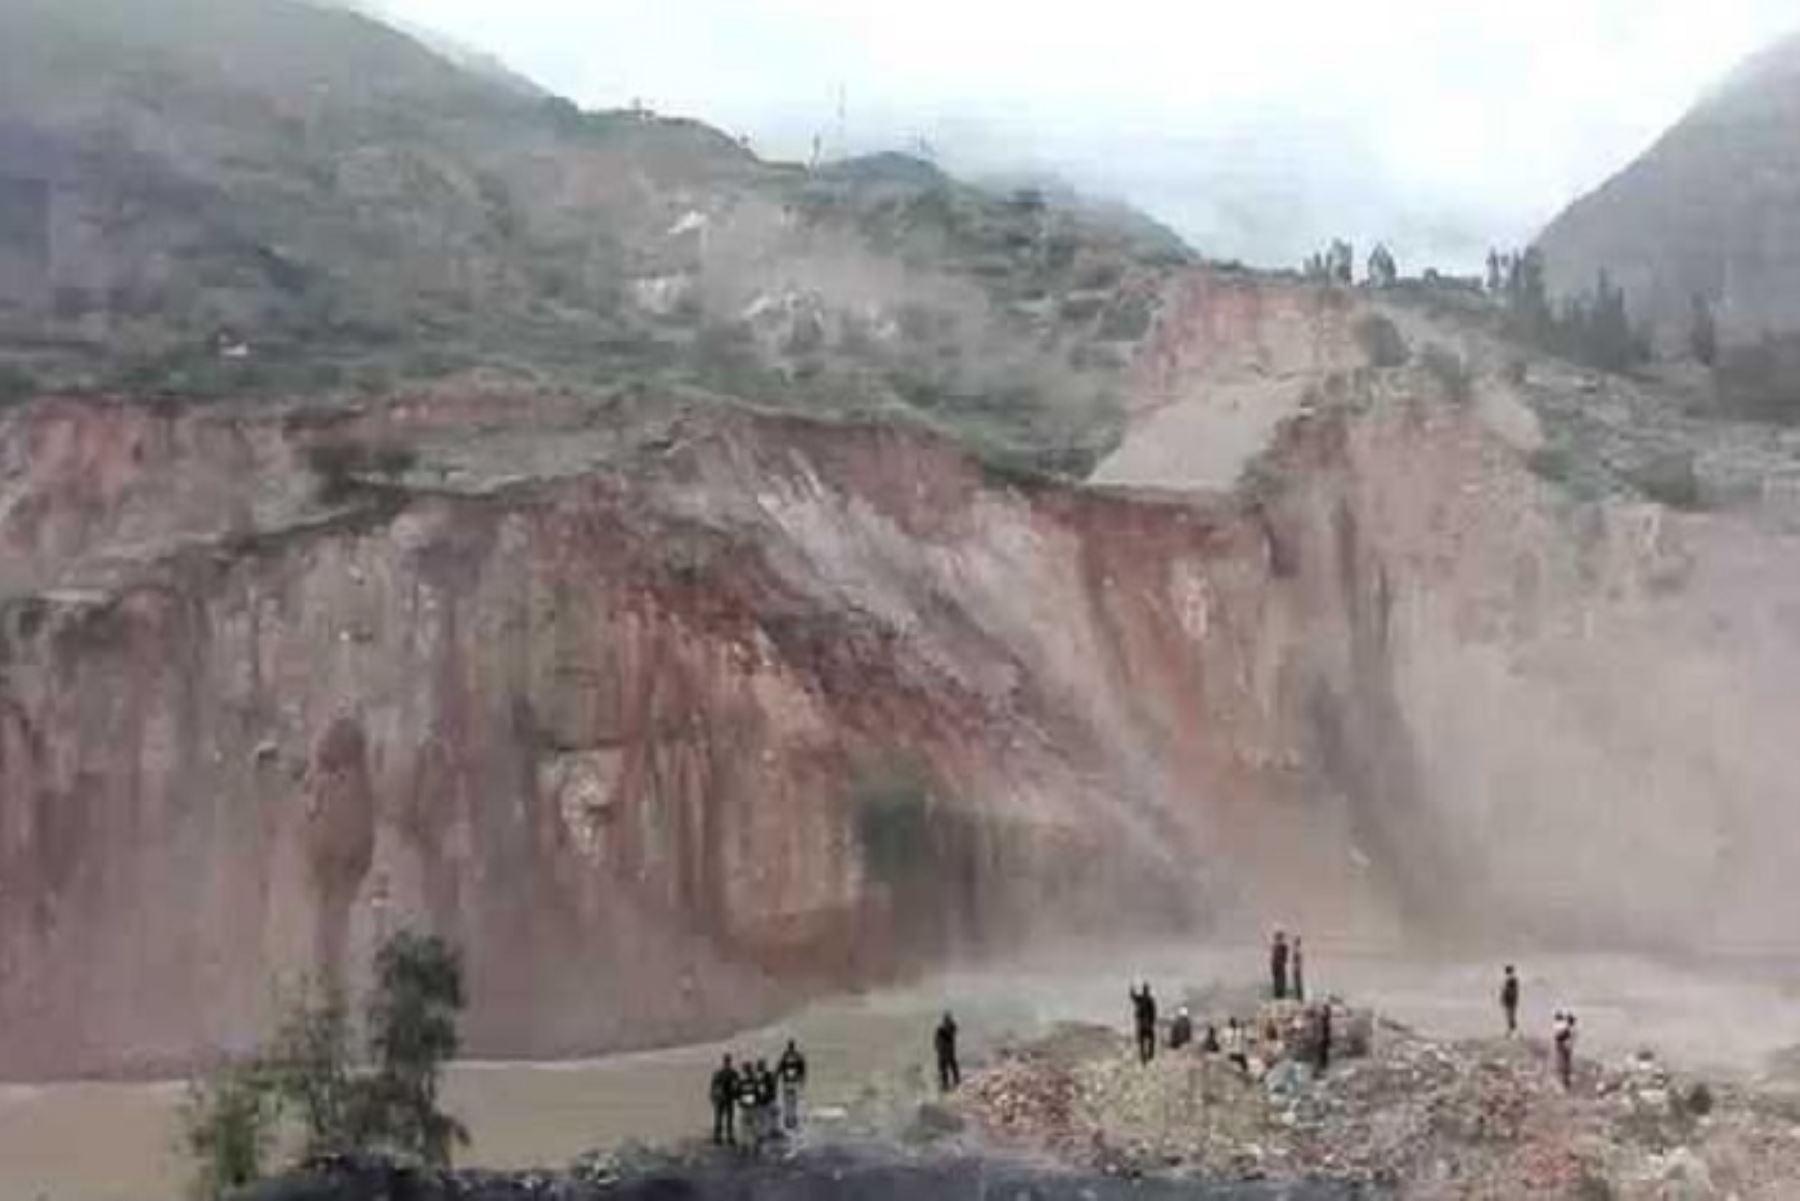 El Centro de Operaciones de Emergencia Regional (COER) de Áncash, reportó hoy deslizamientos de un cerro que vienen cayendo en la margen izquierda del río Santa, en el sector del Puente La Carbonera, en la ciudad de Caraz, provincia de Huaylas.